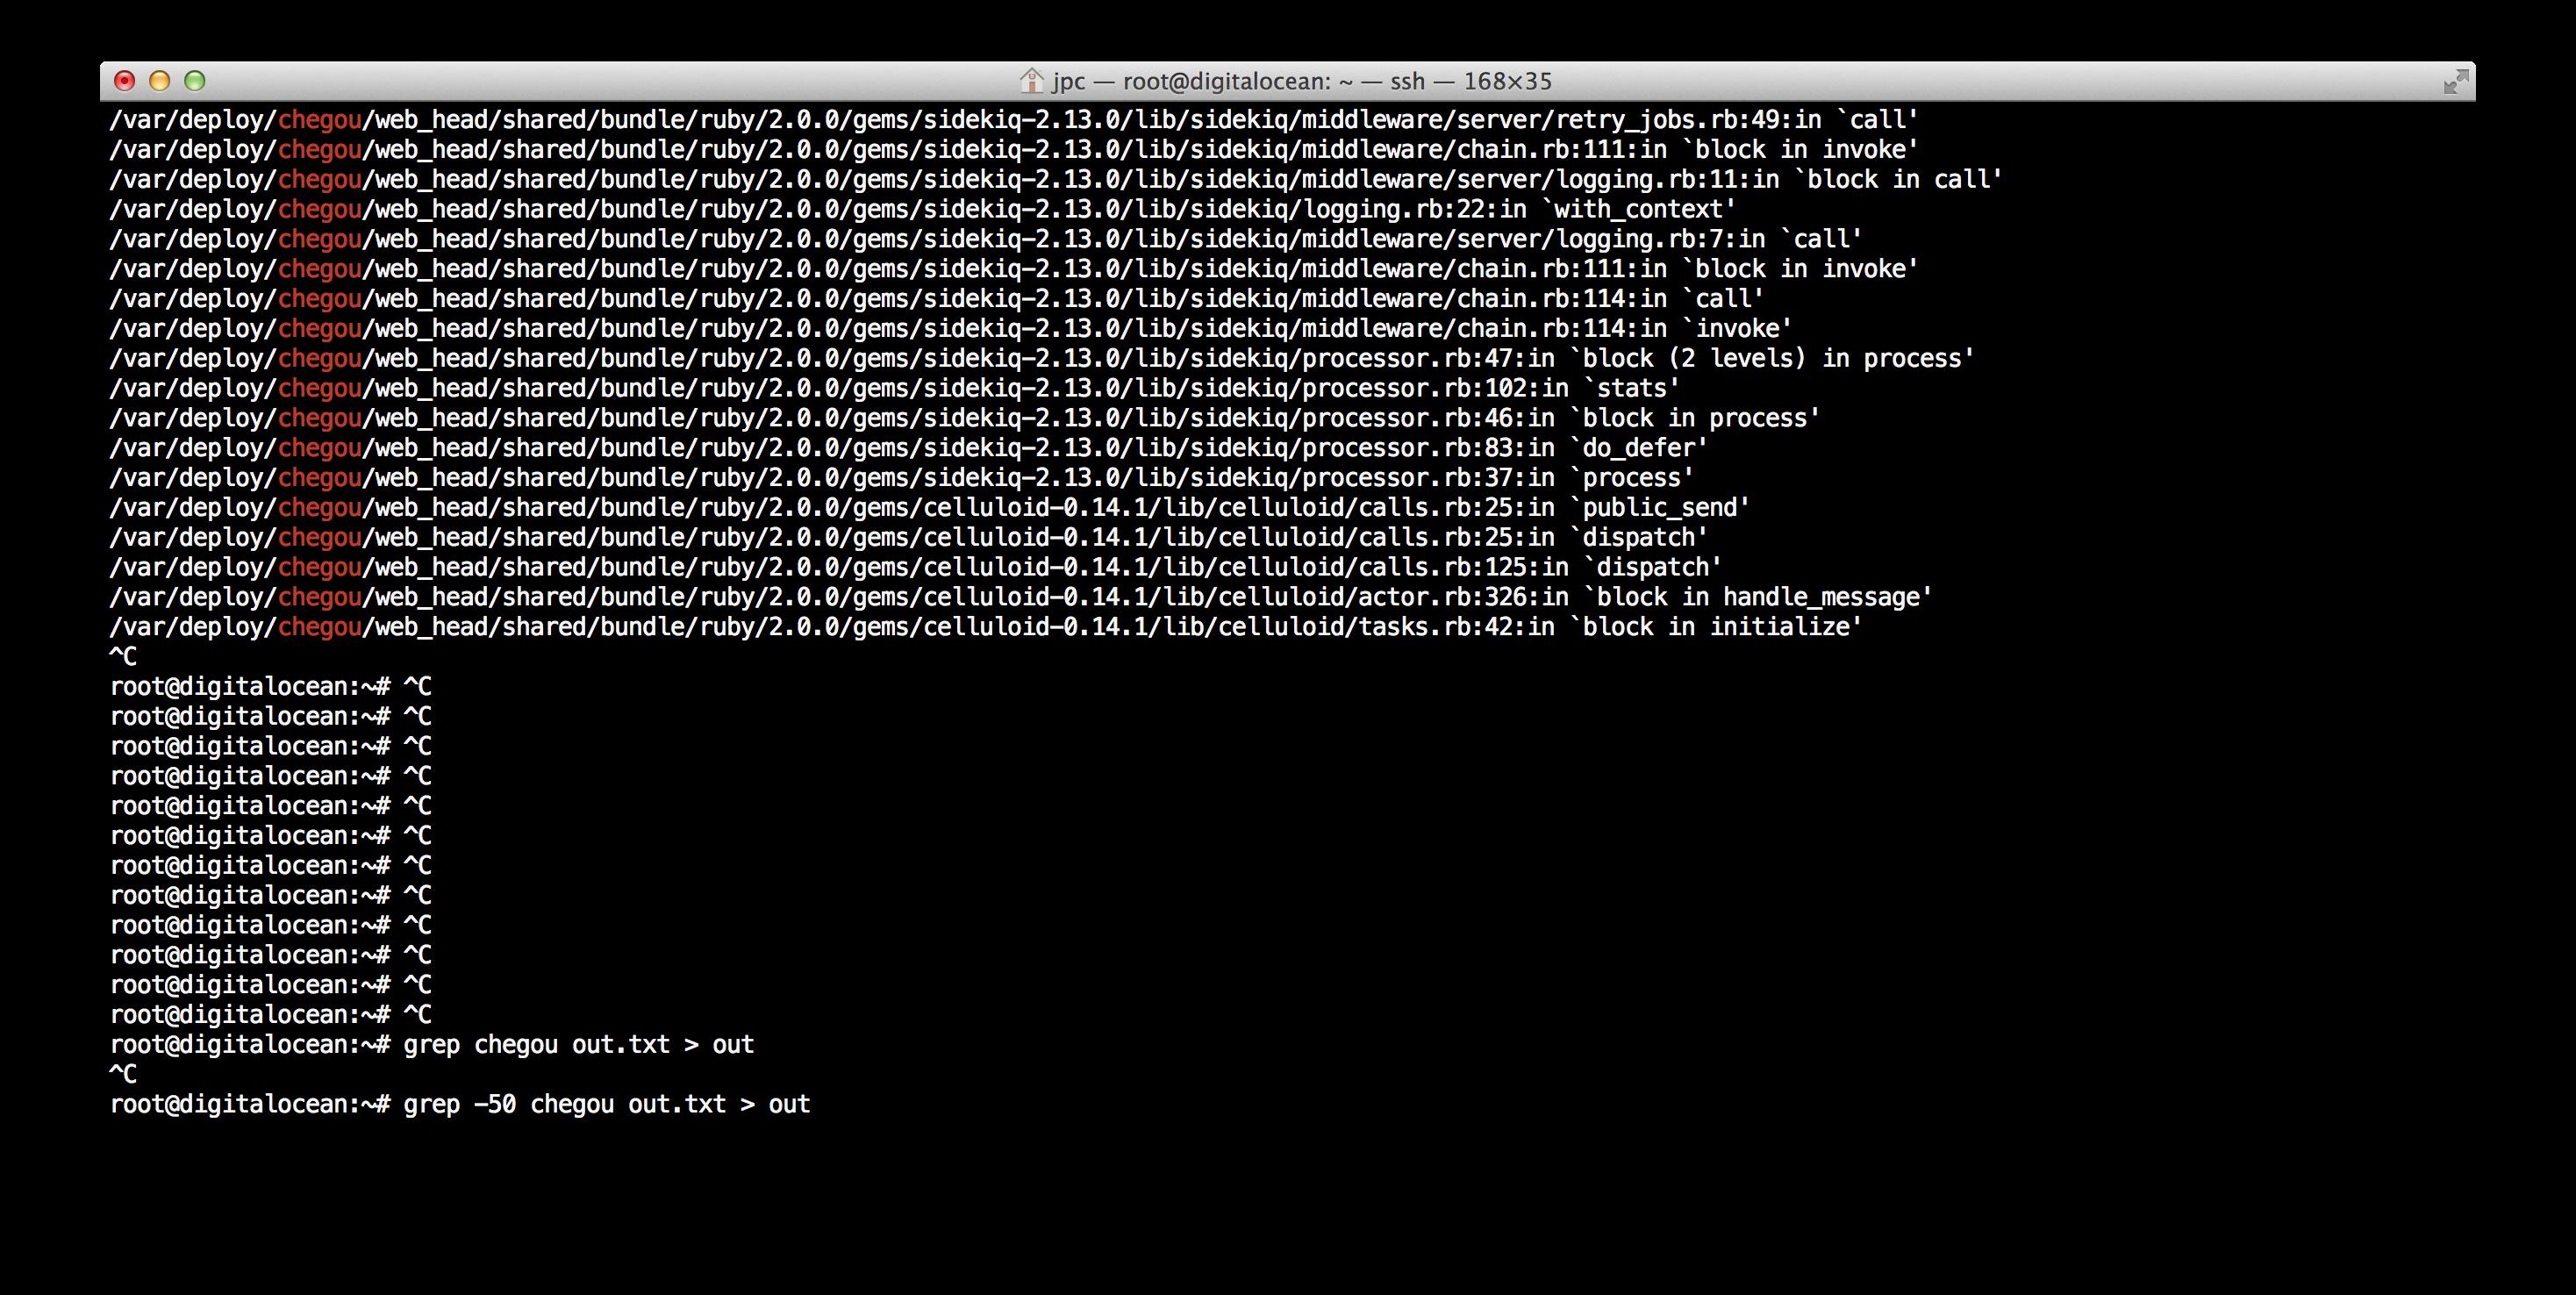 screen shot 2013-12-30 at 5 30 37 am